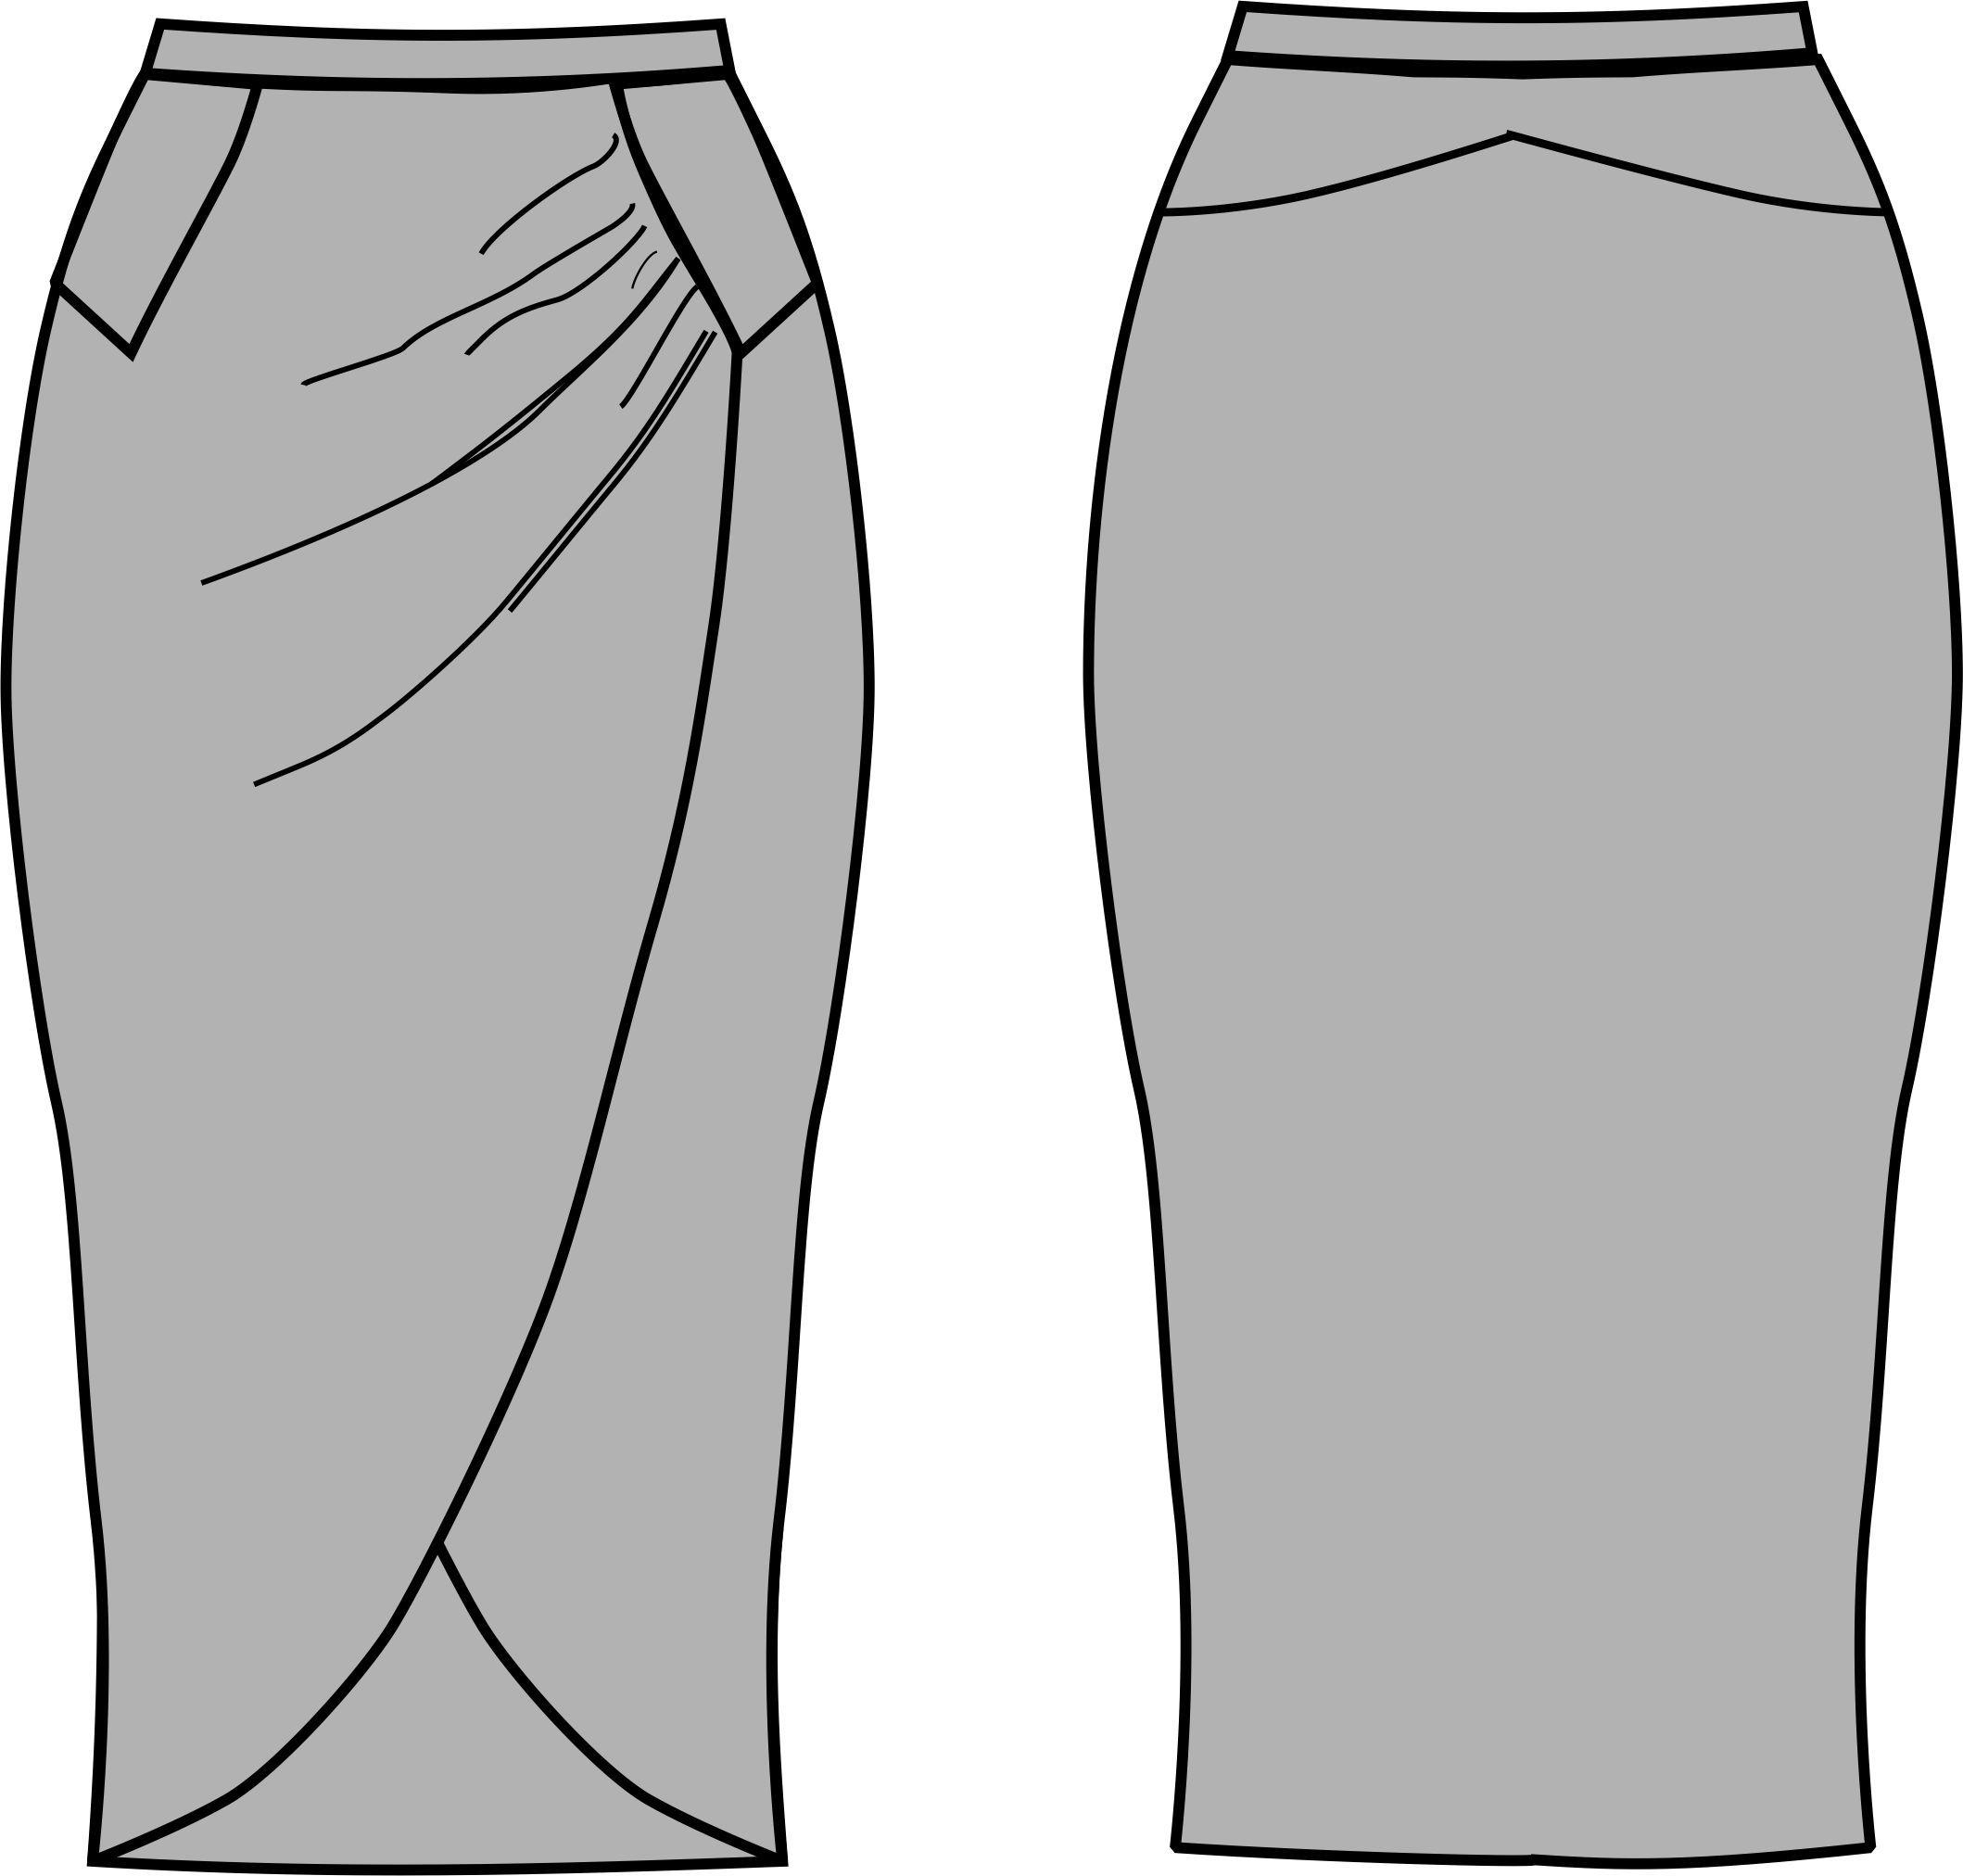 считается модели юбок рисунок современное поколение казахстана